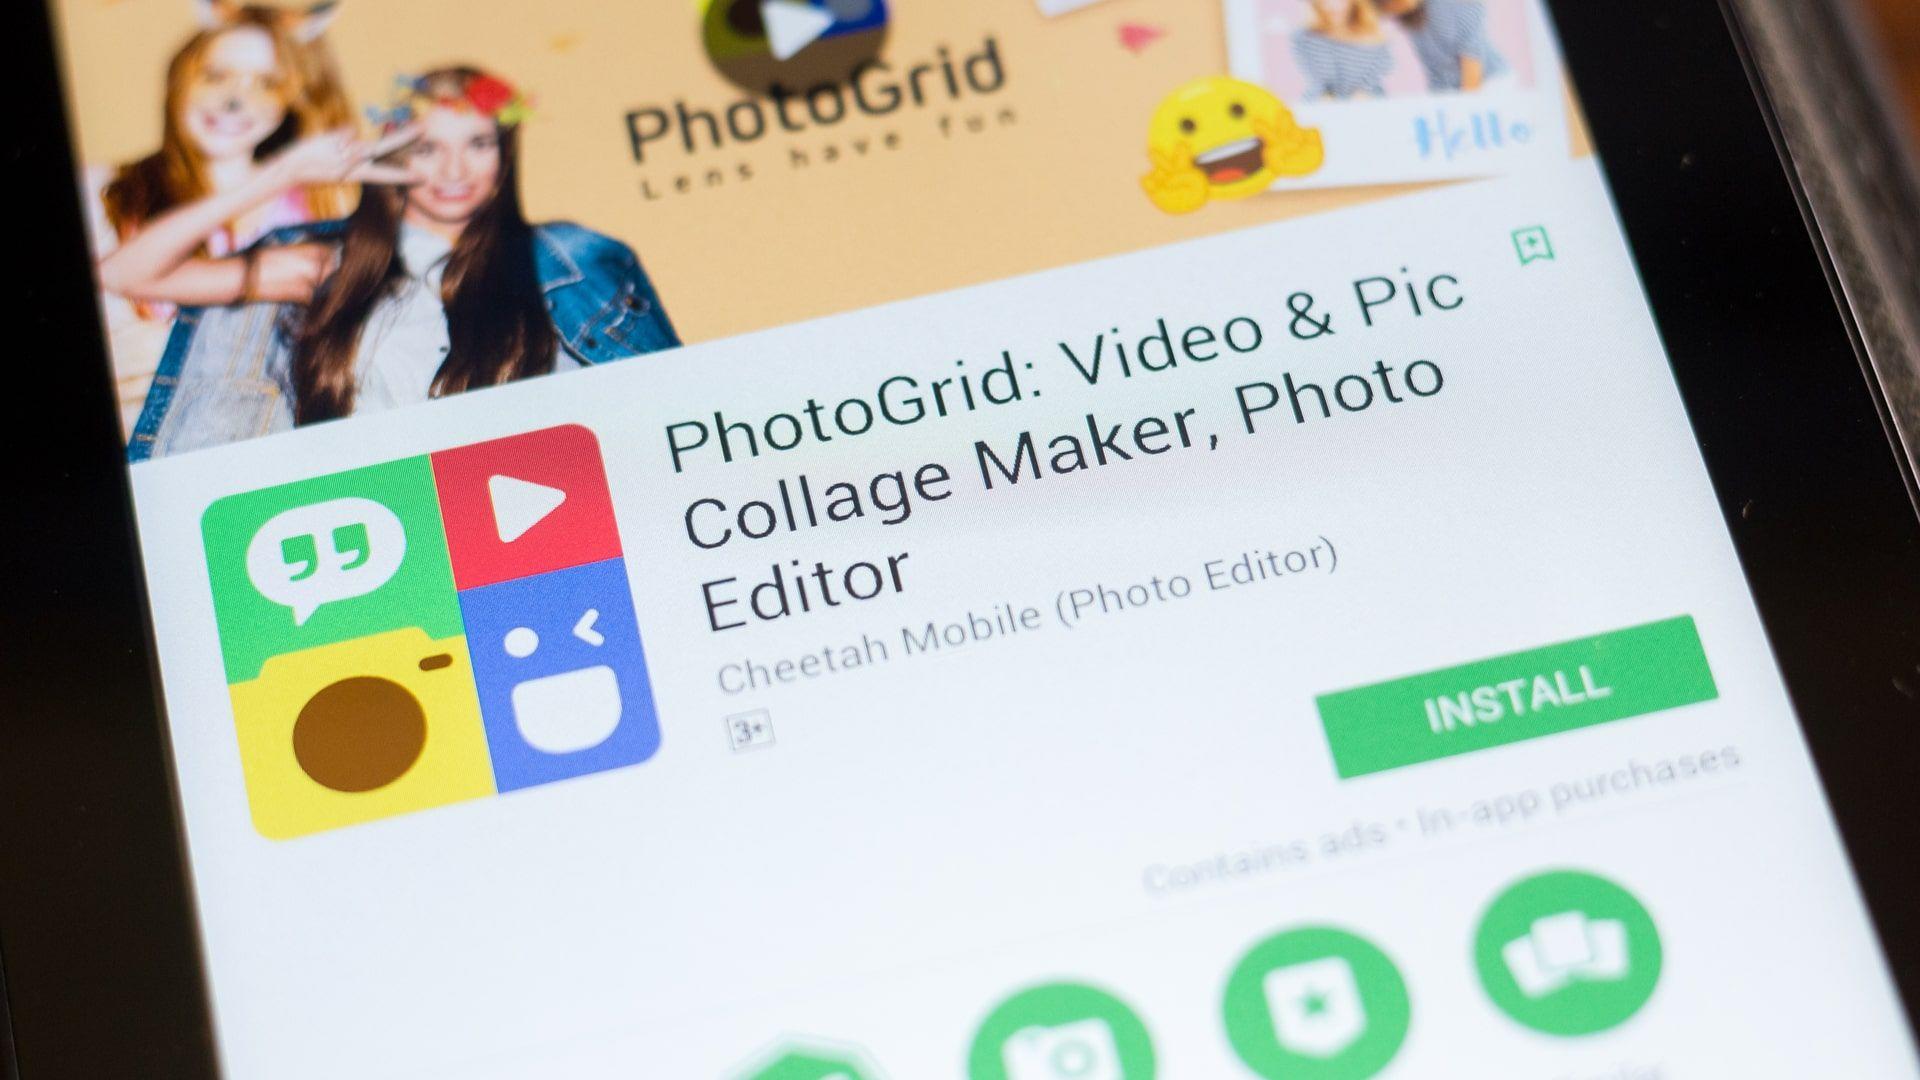 Como fazer vídeo com fotos: PhotoGrid permite fazer colagens e edições (Foto: Sharaf Maksumov / Shutterstock.com)